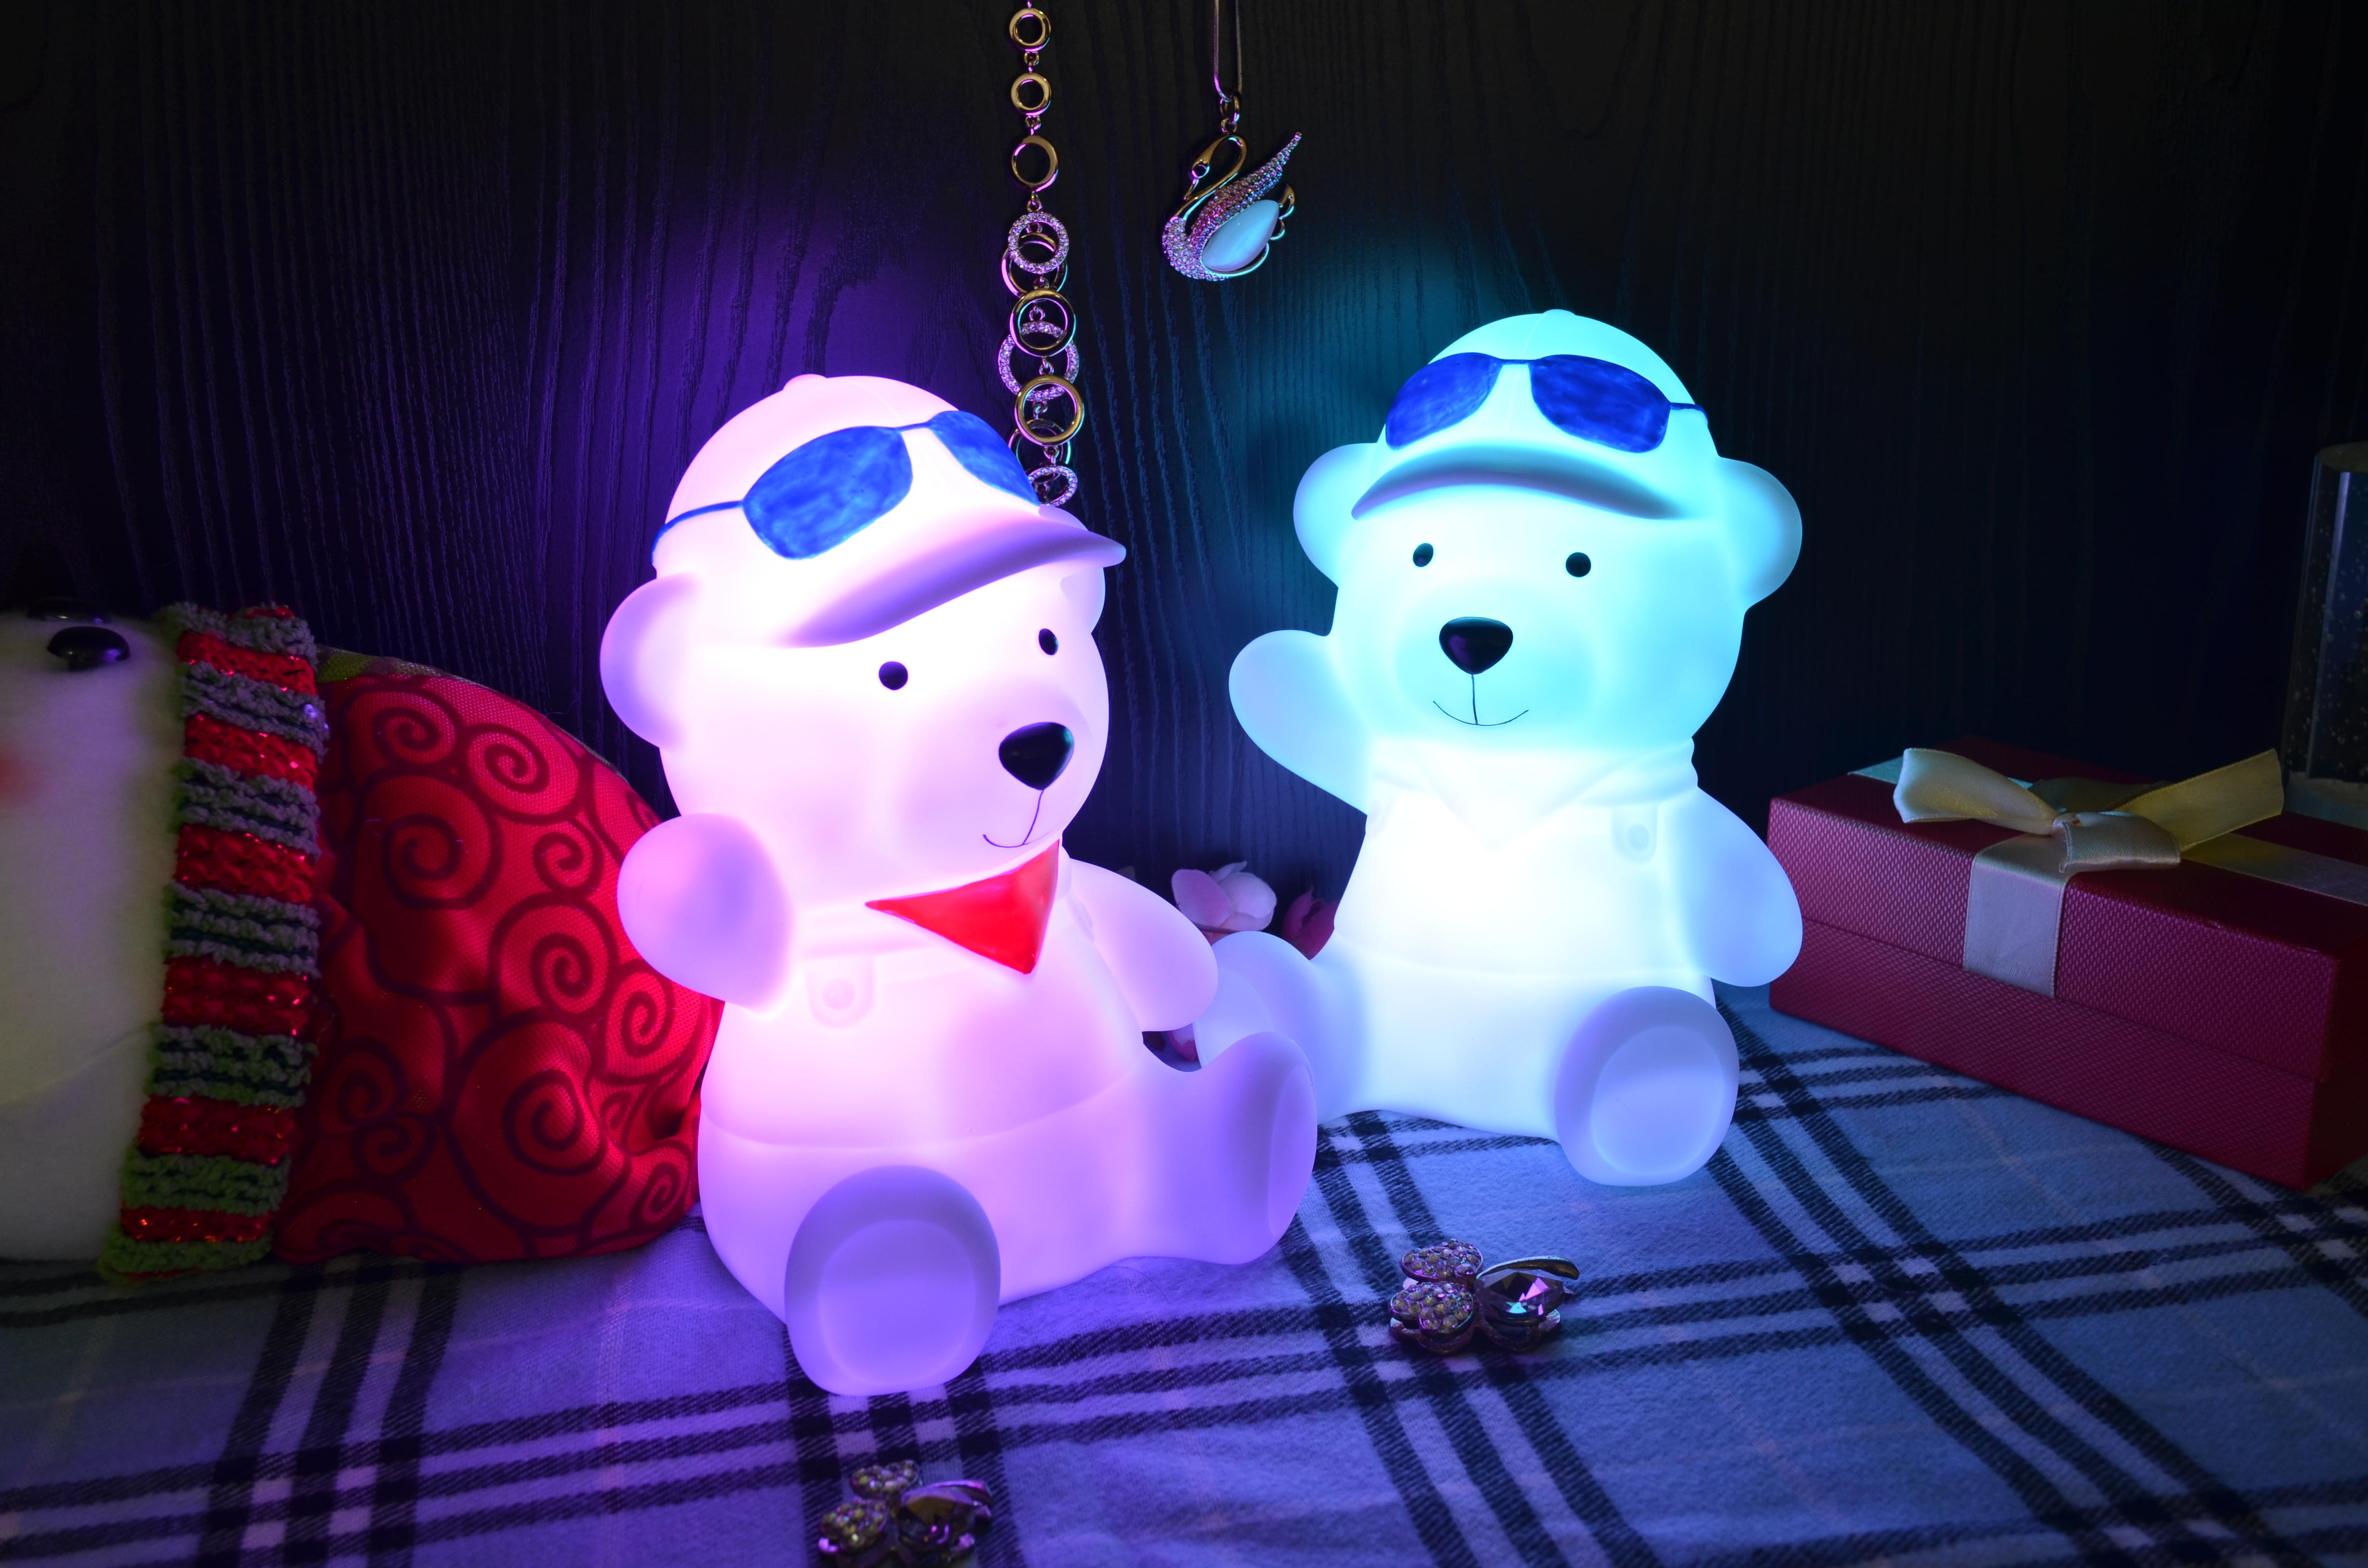 Precorn onlineshop nikki b r nachttischlampe tischleuchte schreibtischlampe kinderbett schlaf - Tischlampe kinderzimmer ...